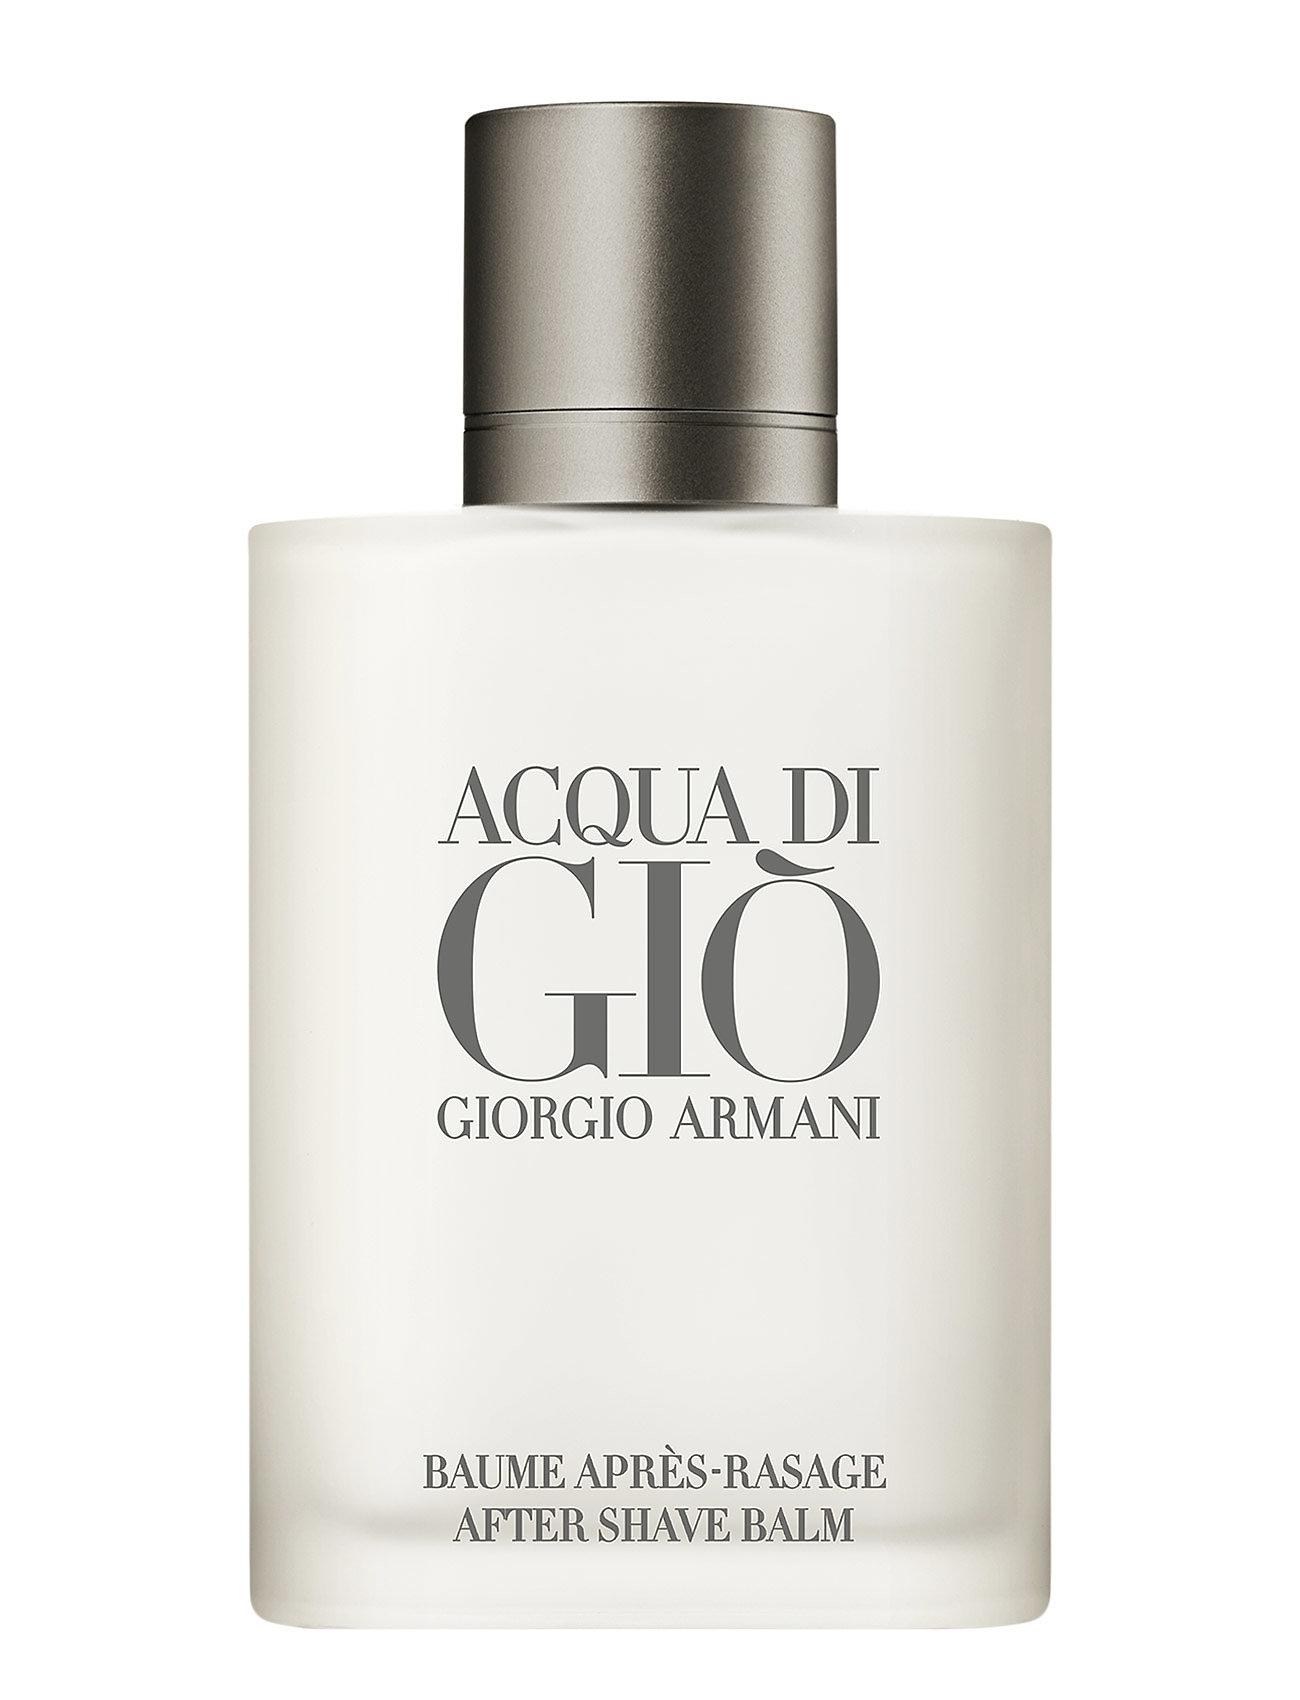 Acqua di giã² pour homme after shave balm 100 ml fra giorgio armani fra boozt.com dk